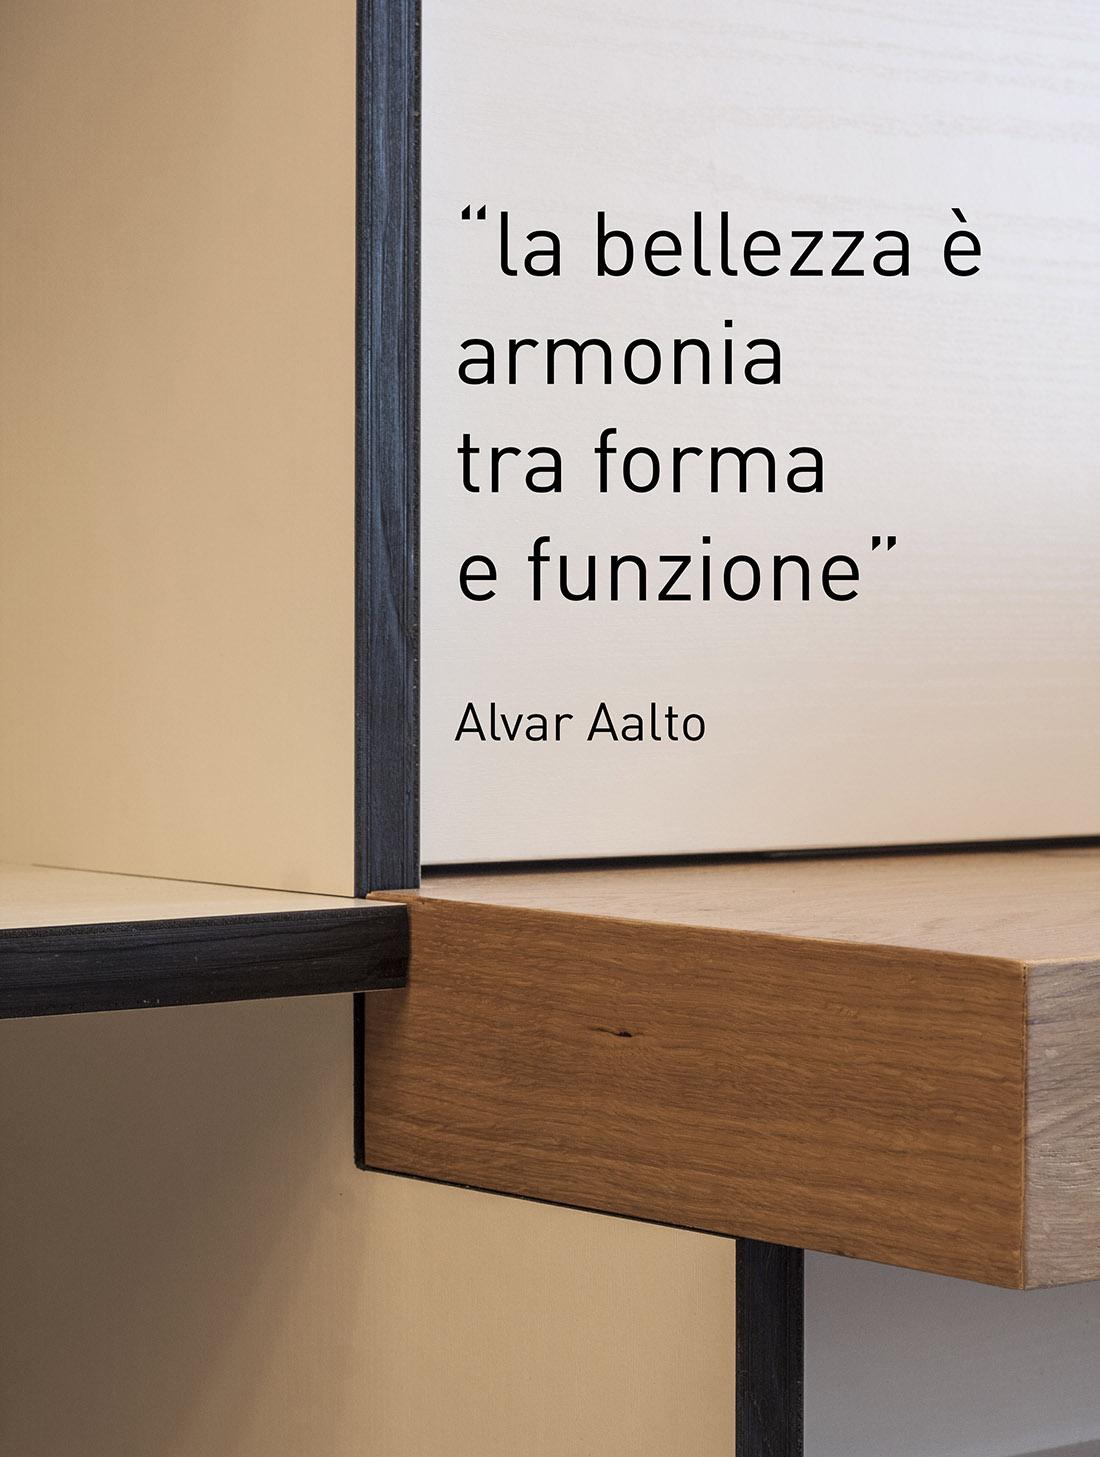 appartamento-rinascita-napoli-pucciarelli-architetti-manifesto-bellezza-forma-funzione